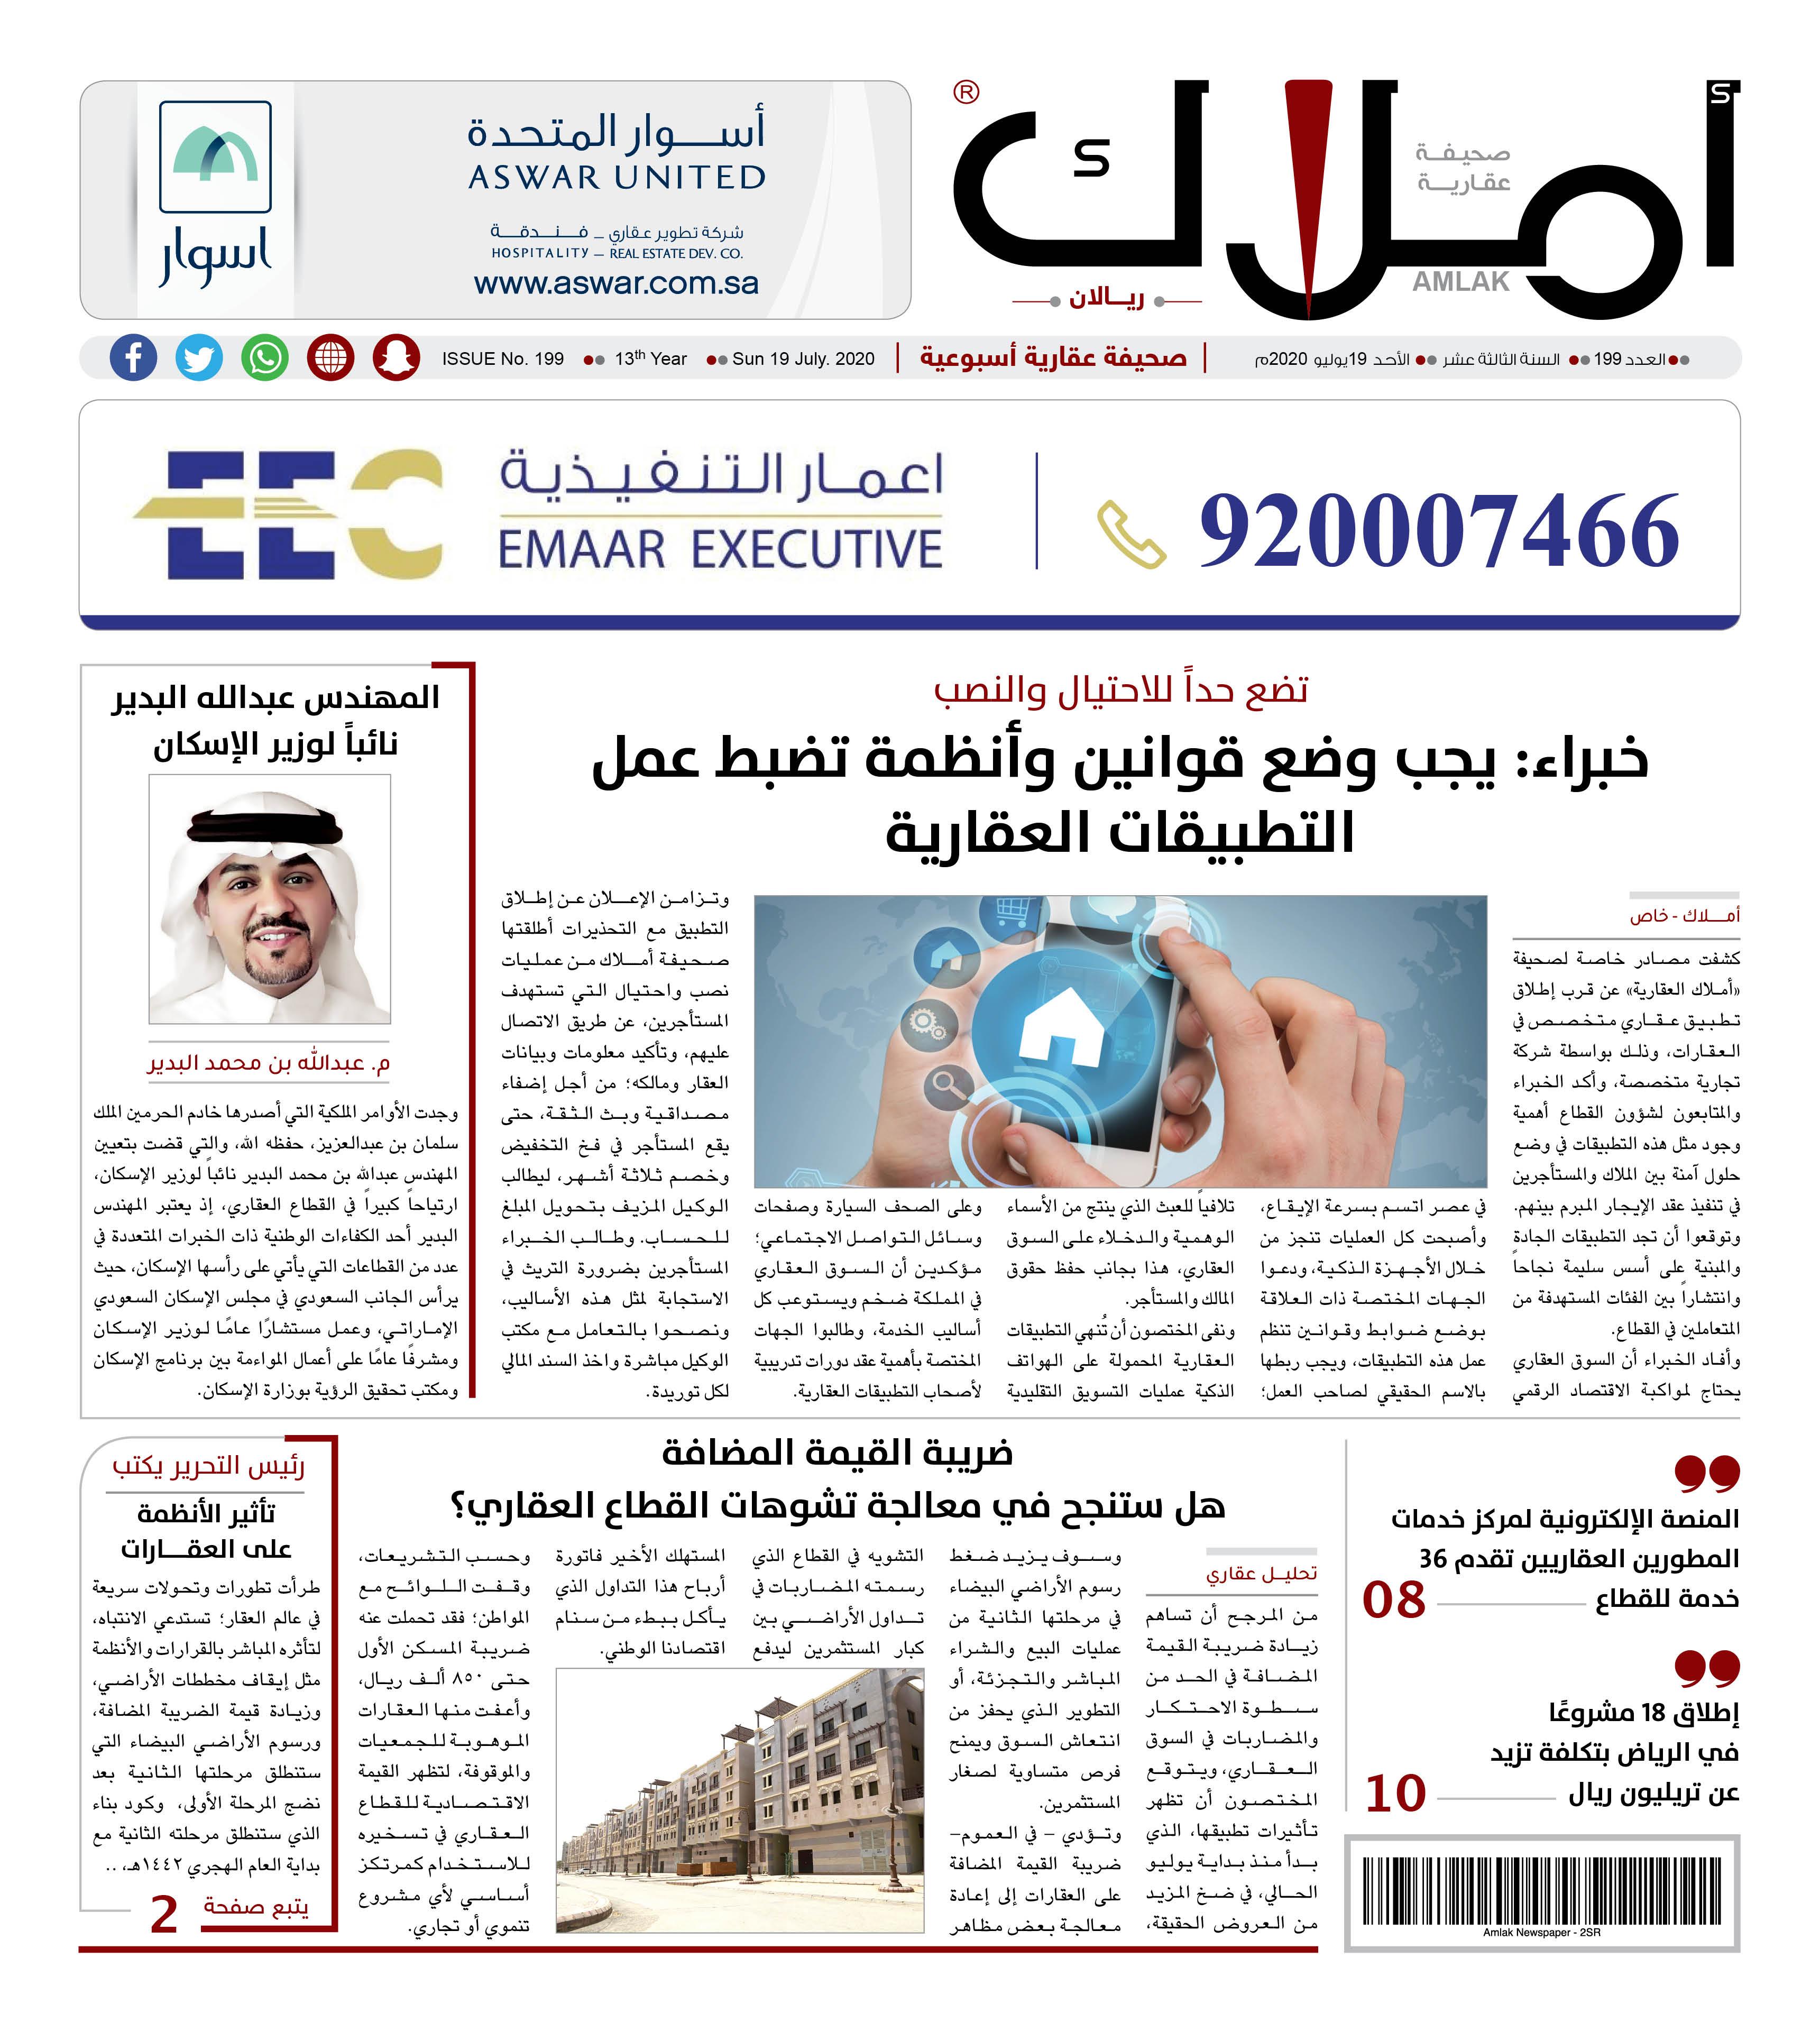 صحيفة املاك - الأخبار العقارية